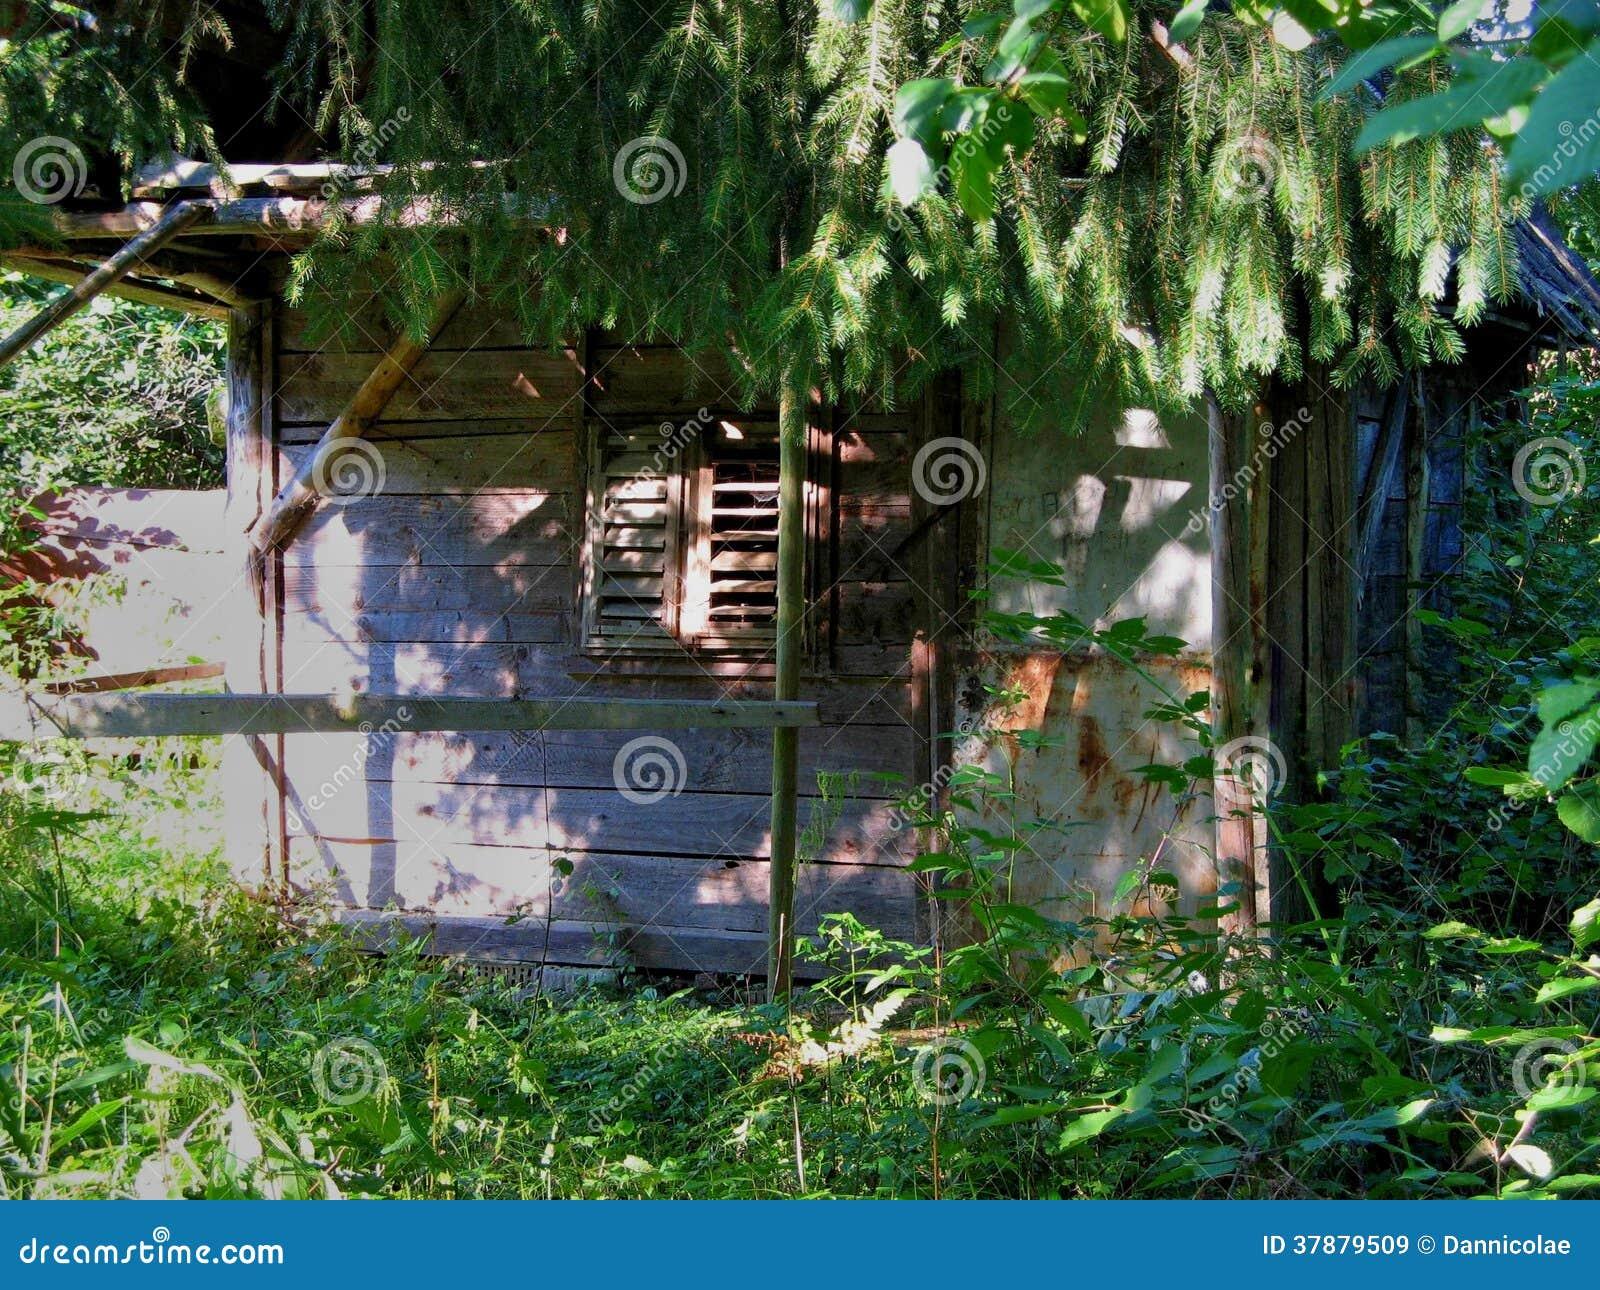 Petite vieille hutte en bois abandonnée